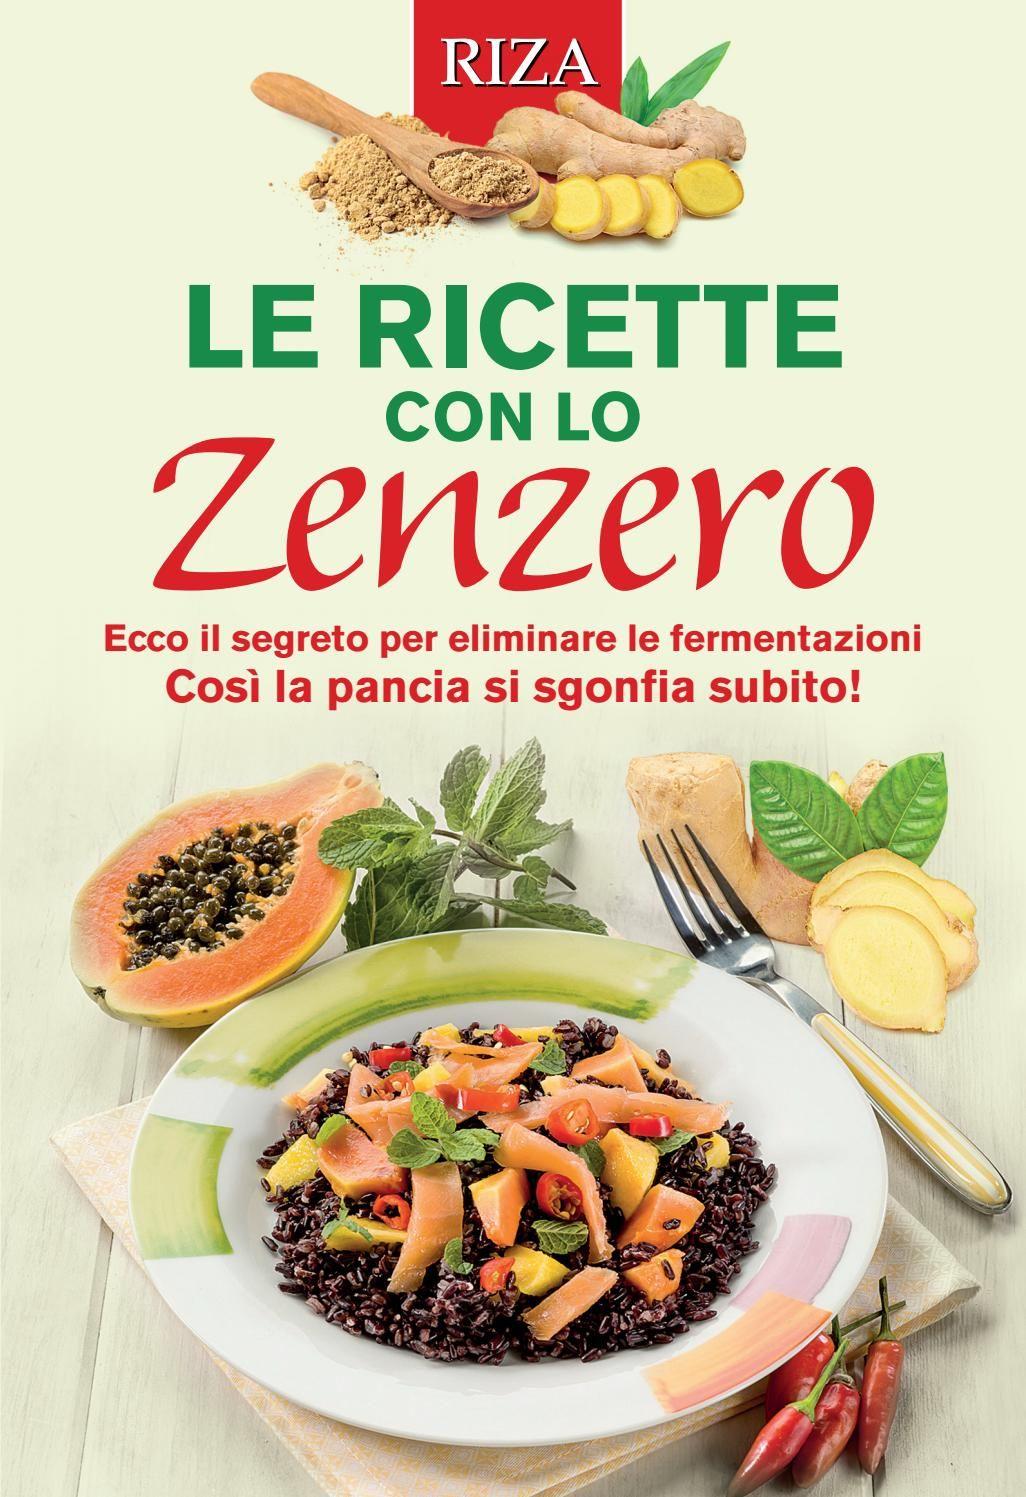 Le ricette con lo zenzero ricette zenzero e zucchine e for Cucinare zenzero